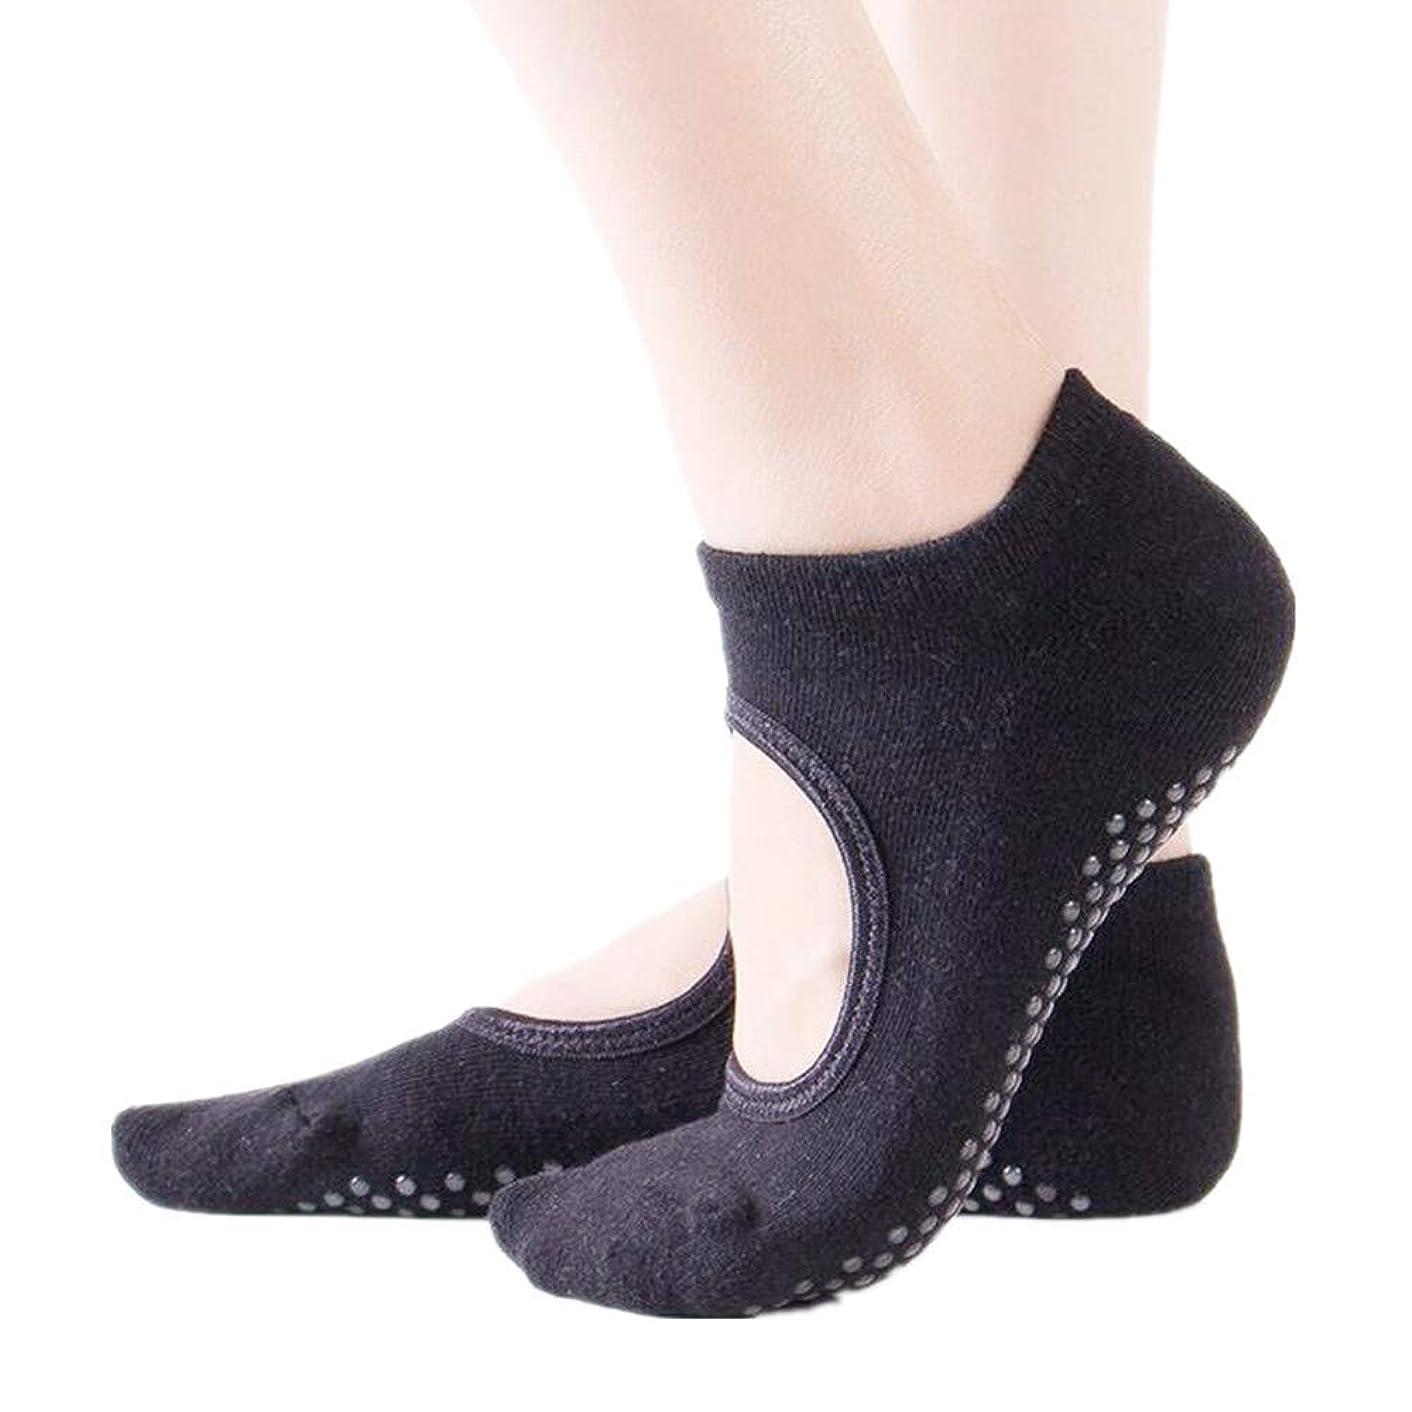 Non Slip Yoga Socks for women Pilates Barre Ballet Yoga Dance